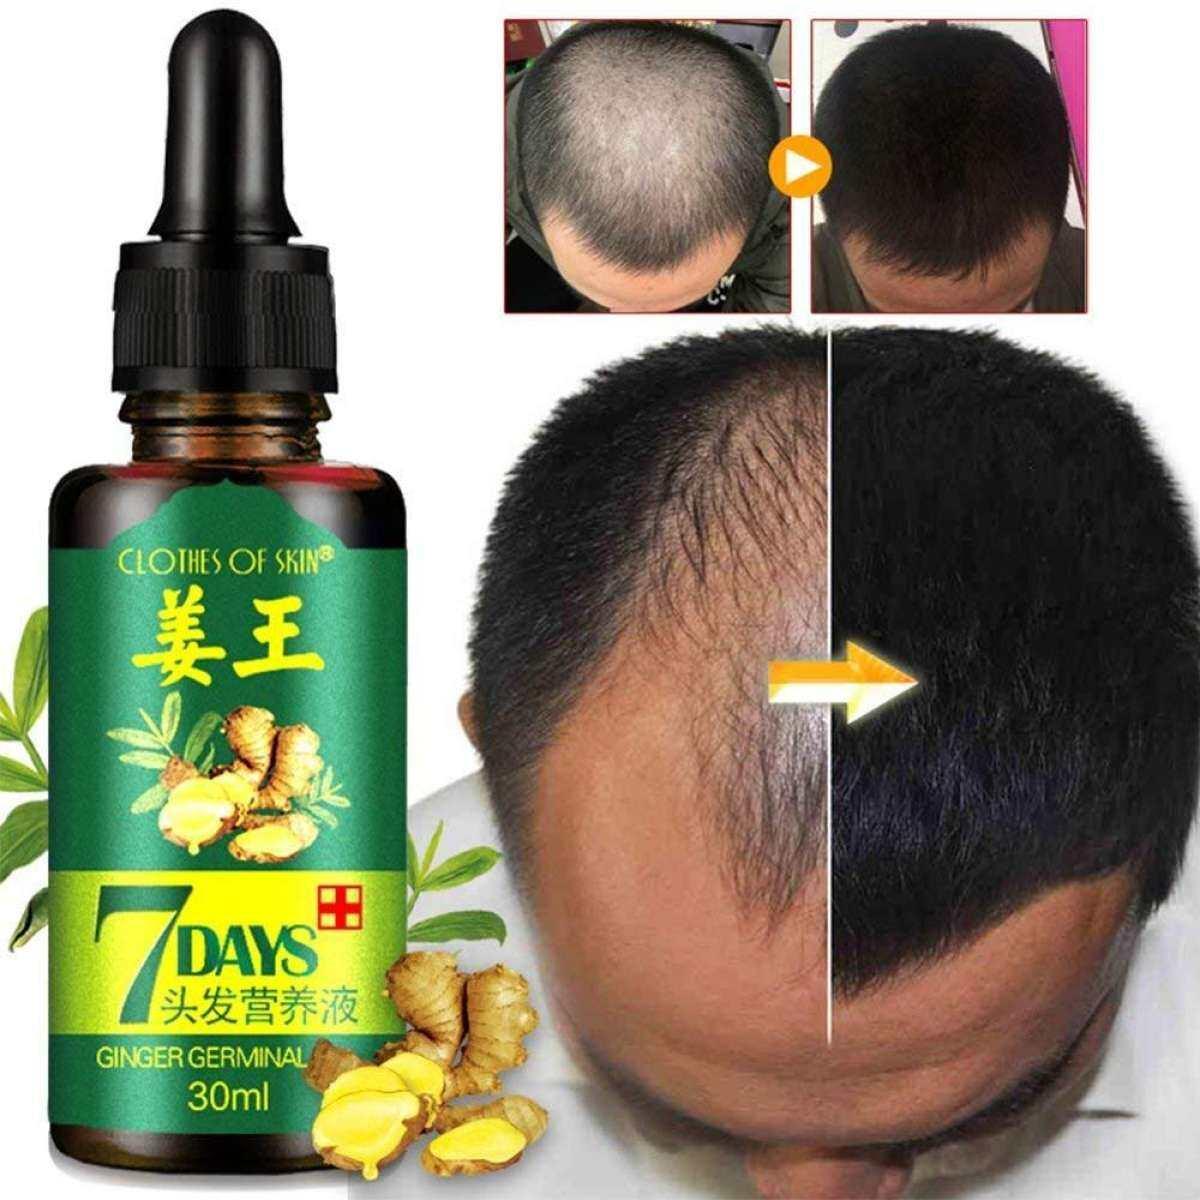 Ginger Germinal Hair Growth/Hair Loss Essential Oil Treatment 30ml